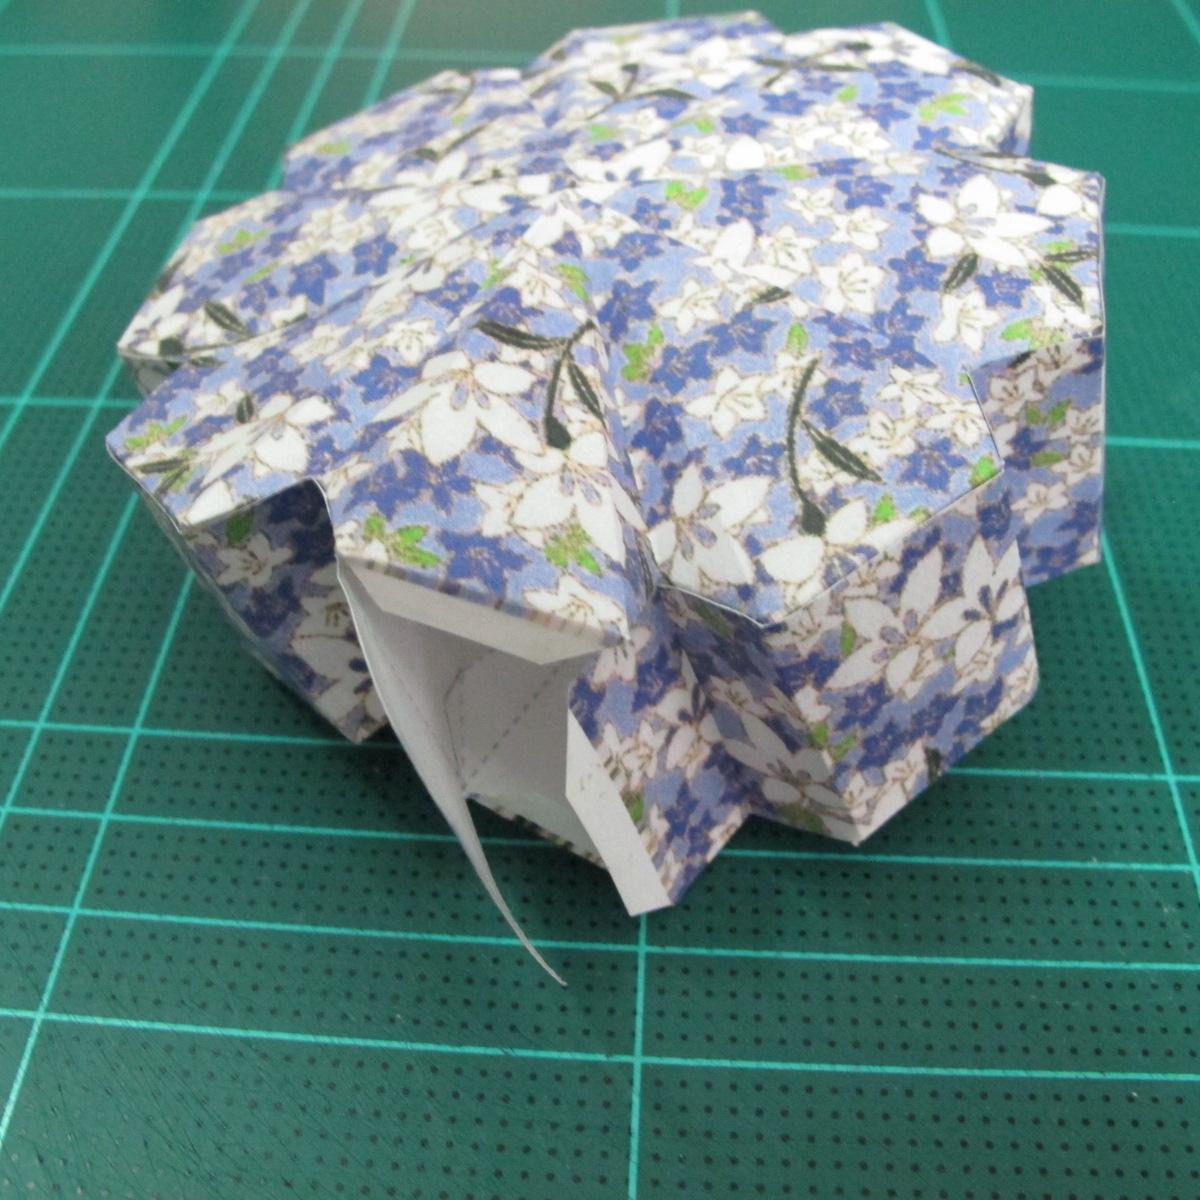 วิธีทำโมเดลกระดาษสำหรับตกแต่งทรงเรขาคณิต (Decor Geometry Papercraft Model) 009